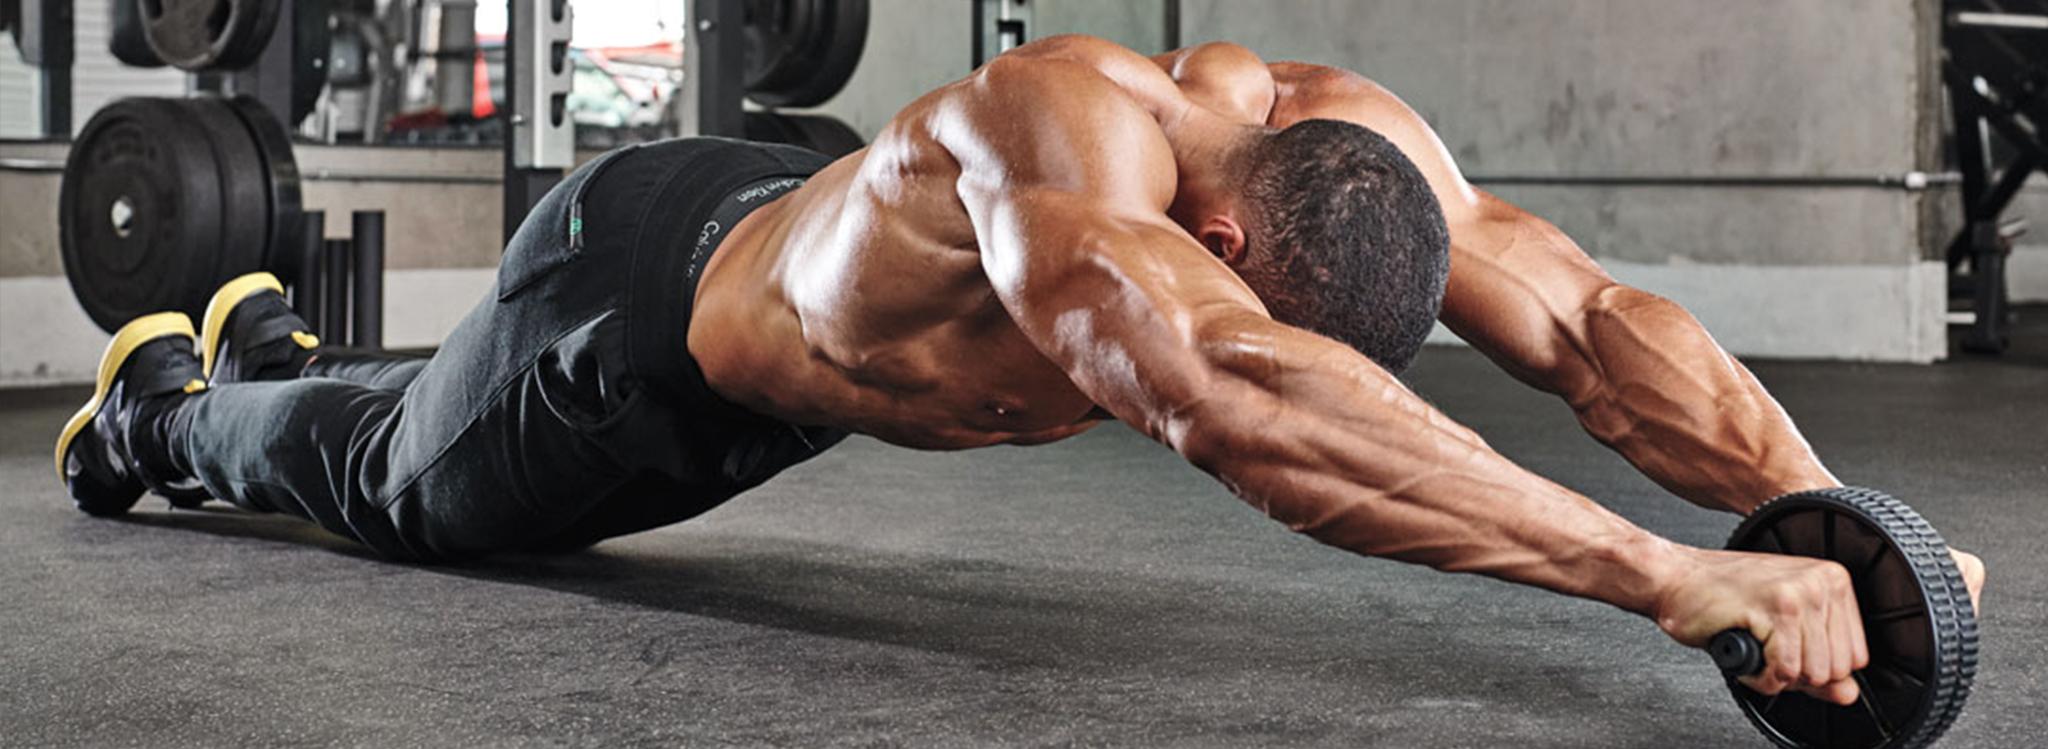 Chài cơ là gì ? Nguyên nhân và cách khắc phục Over Training tình trạng chai cơ đối với người tập gym , thể hình , thể thao .